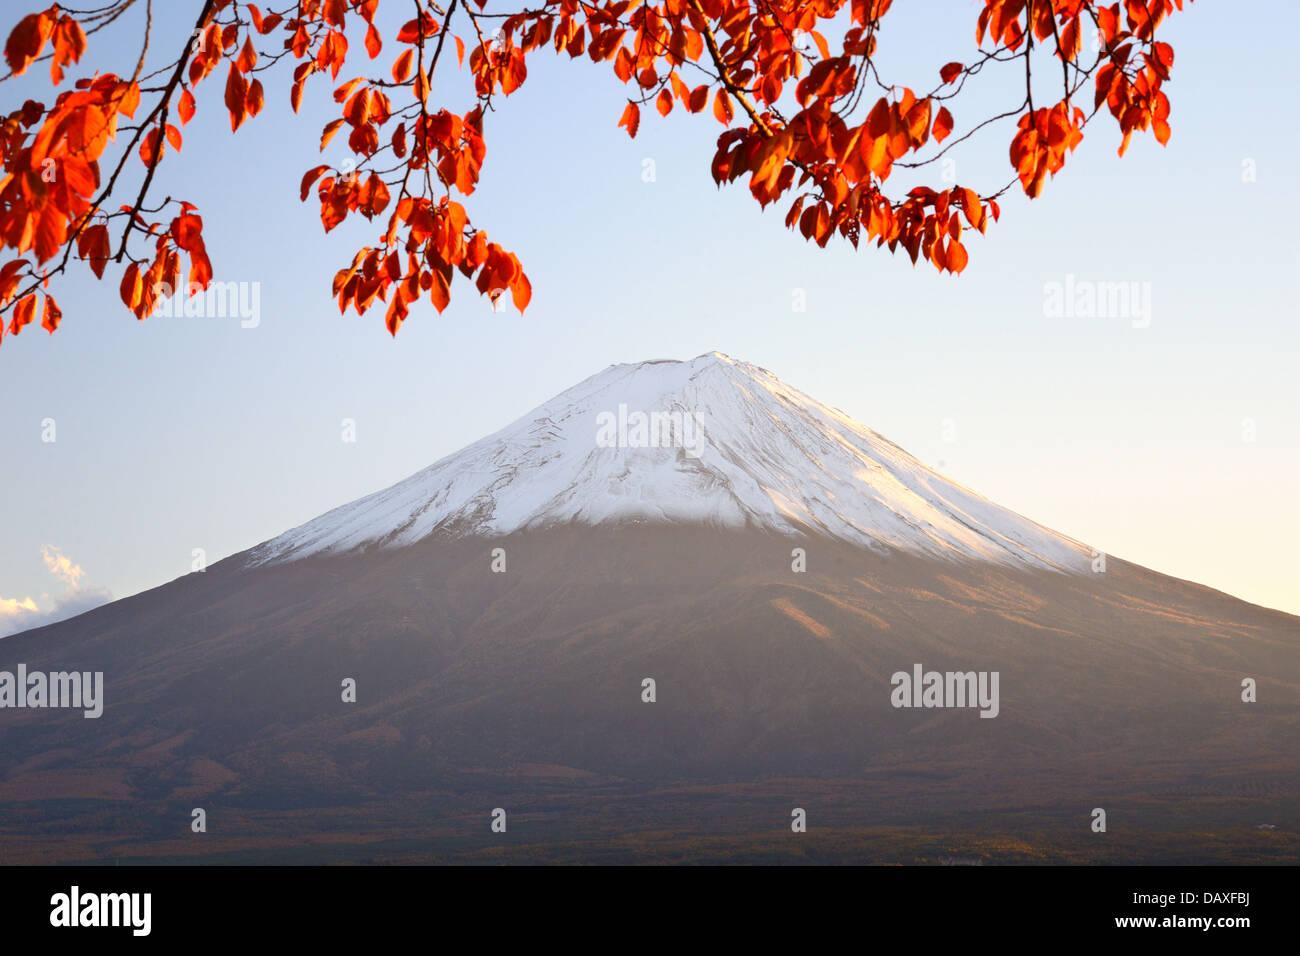 Mt. Fuji con colores de otoño en Japón. Imagen De Stock